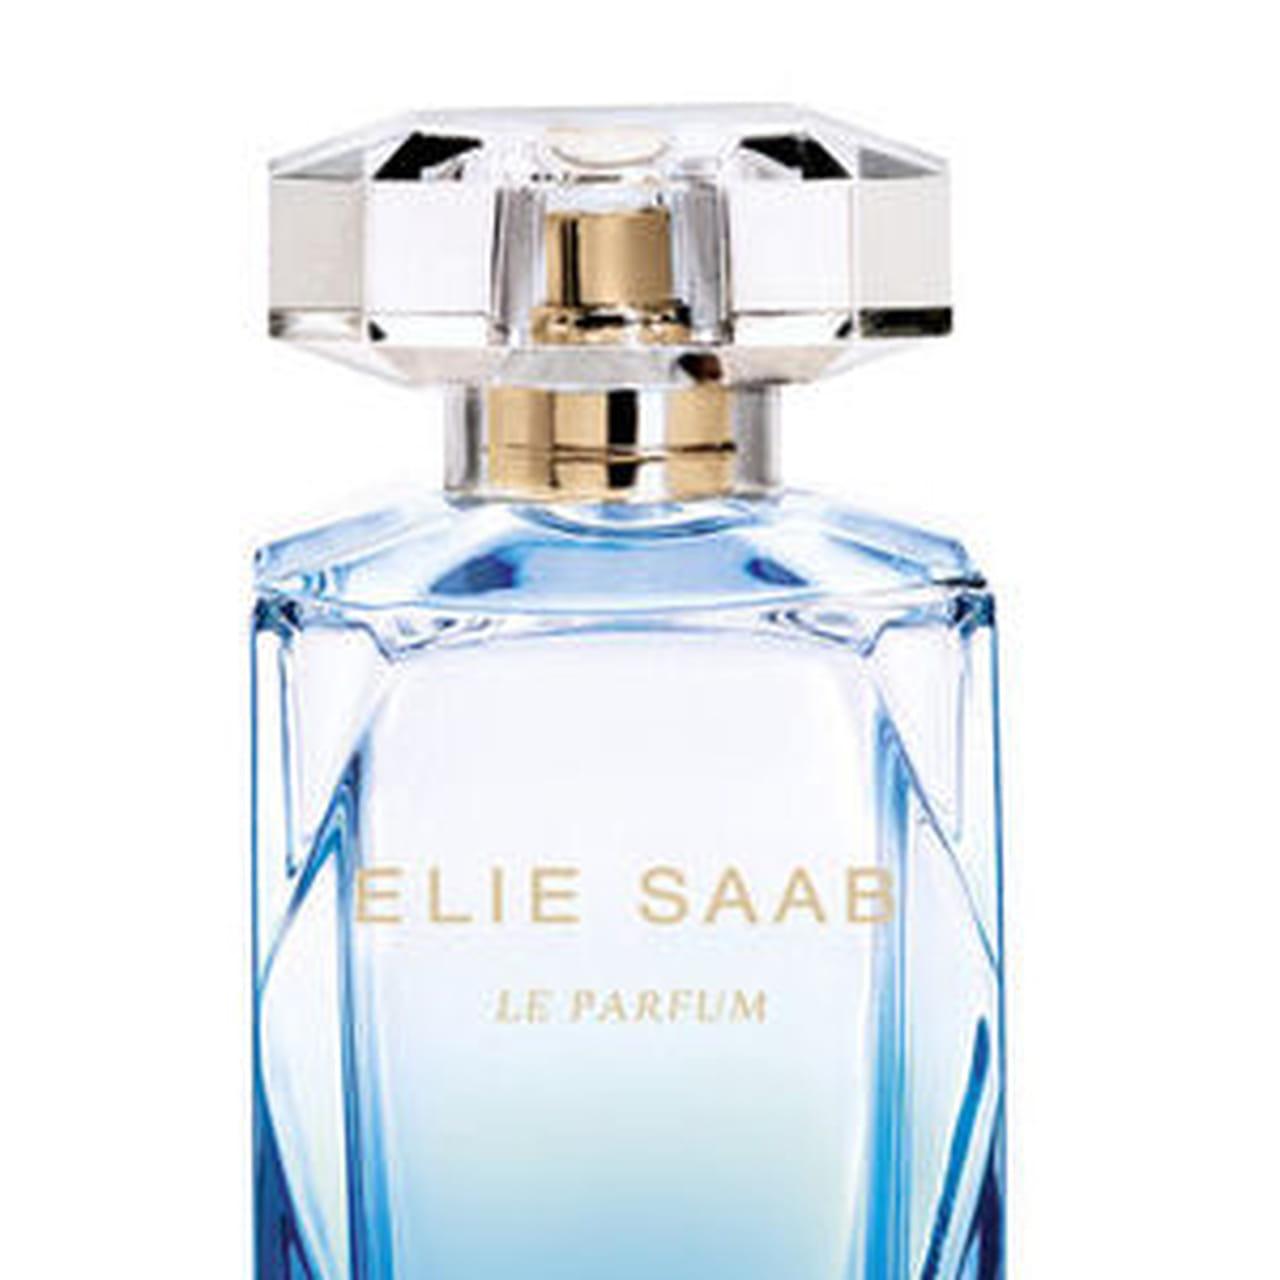 Resort Saab Toilette D'elie Parfum Collection De 2015L'eau Le ygb6Y7f